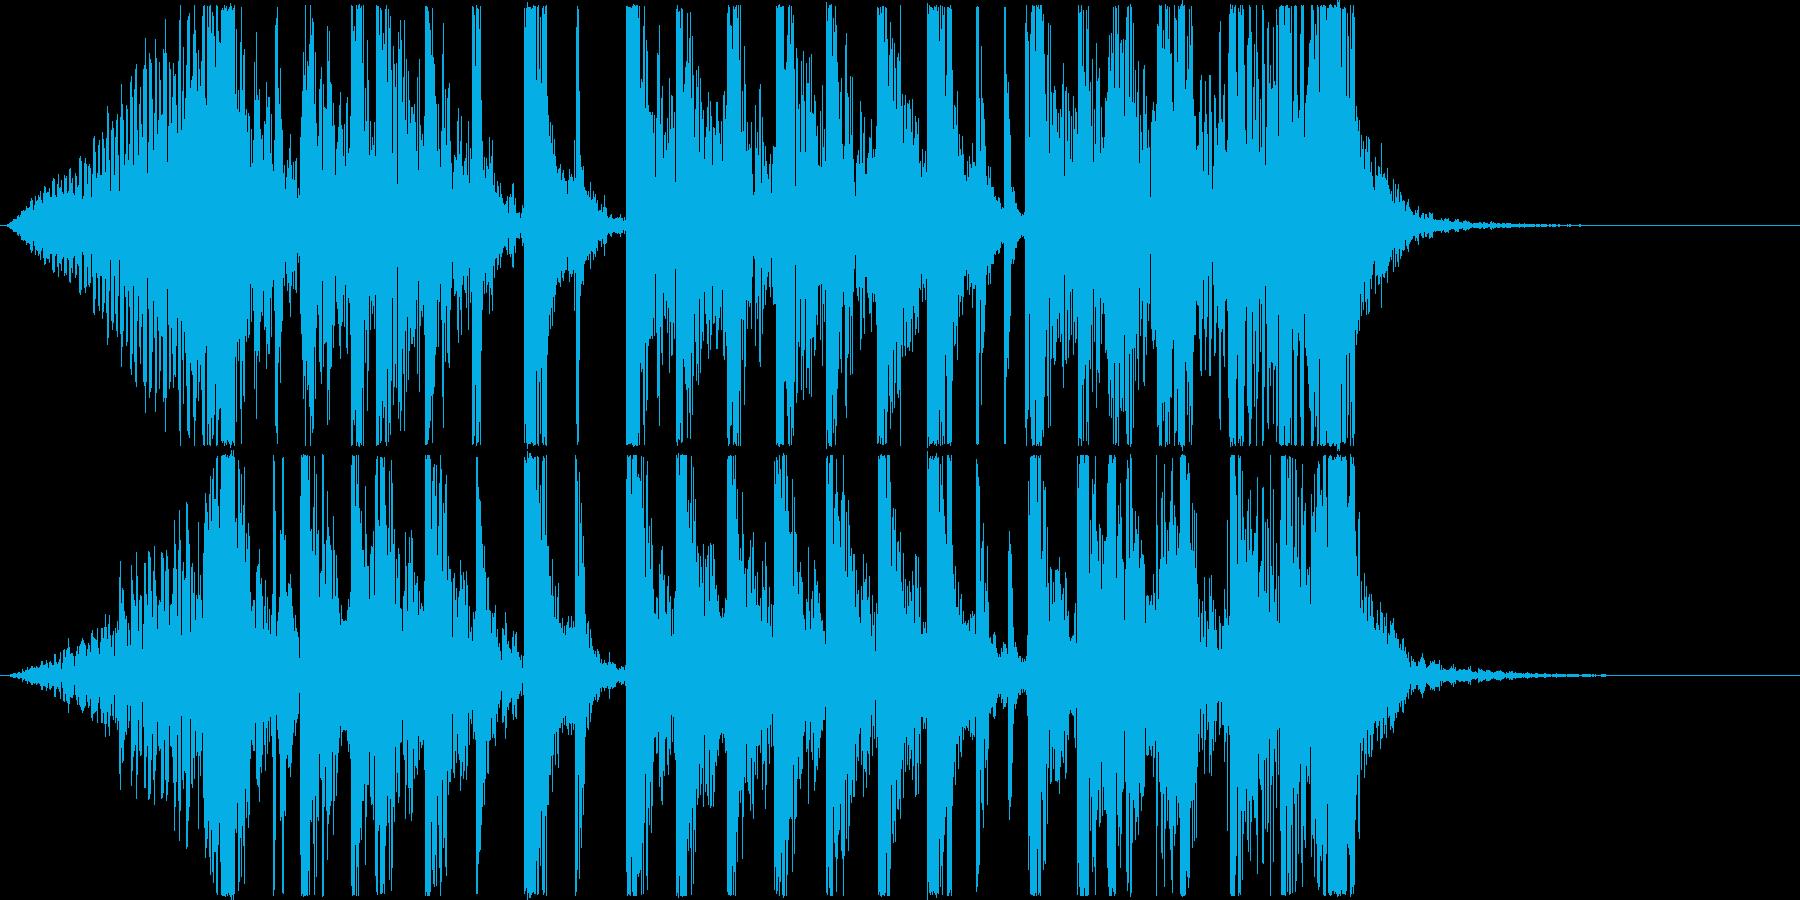 オープニングに最適な躍動感あるジングル2の再生済みの波形